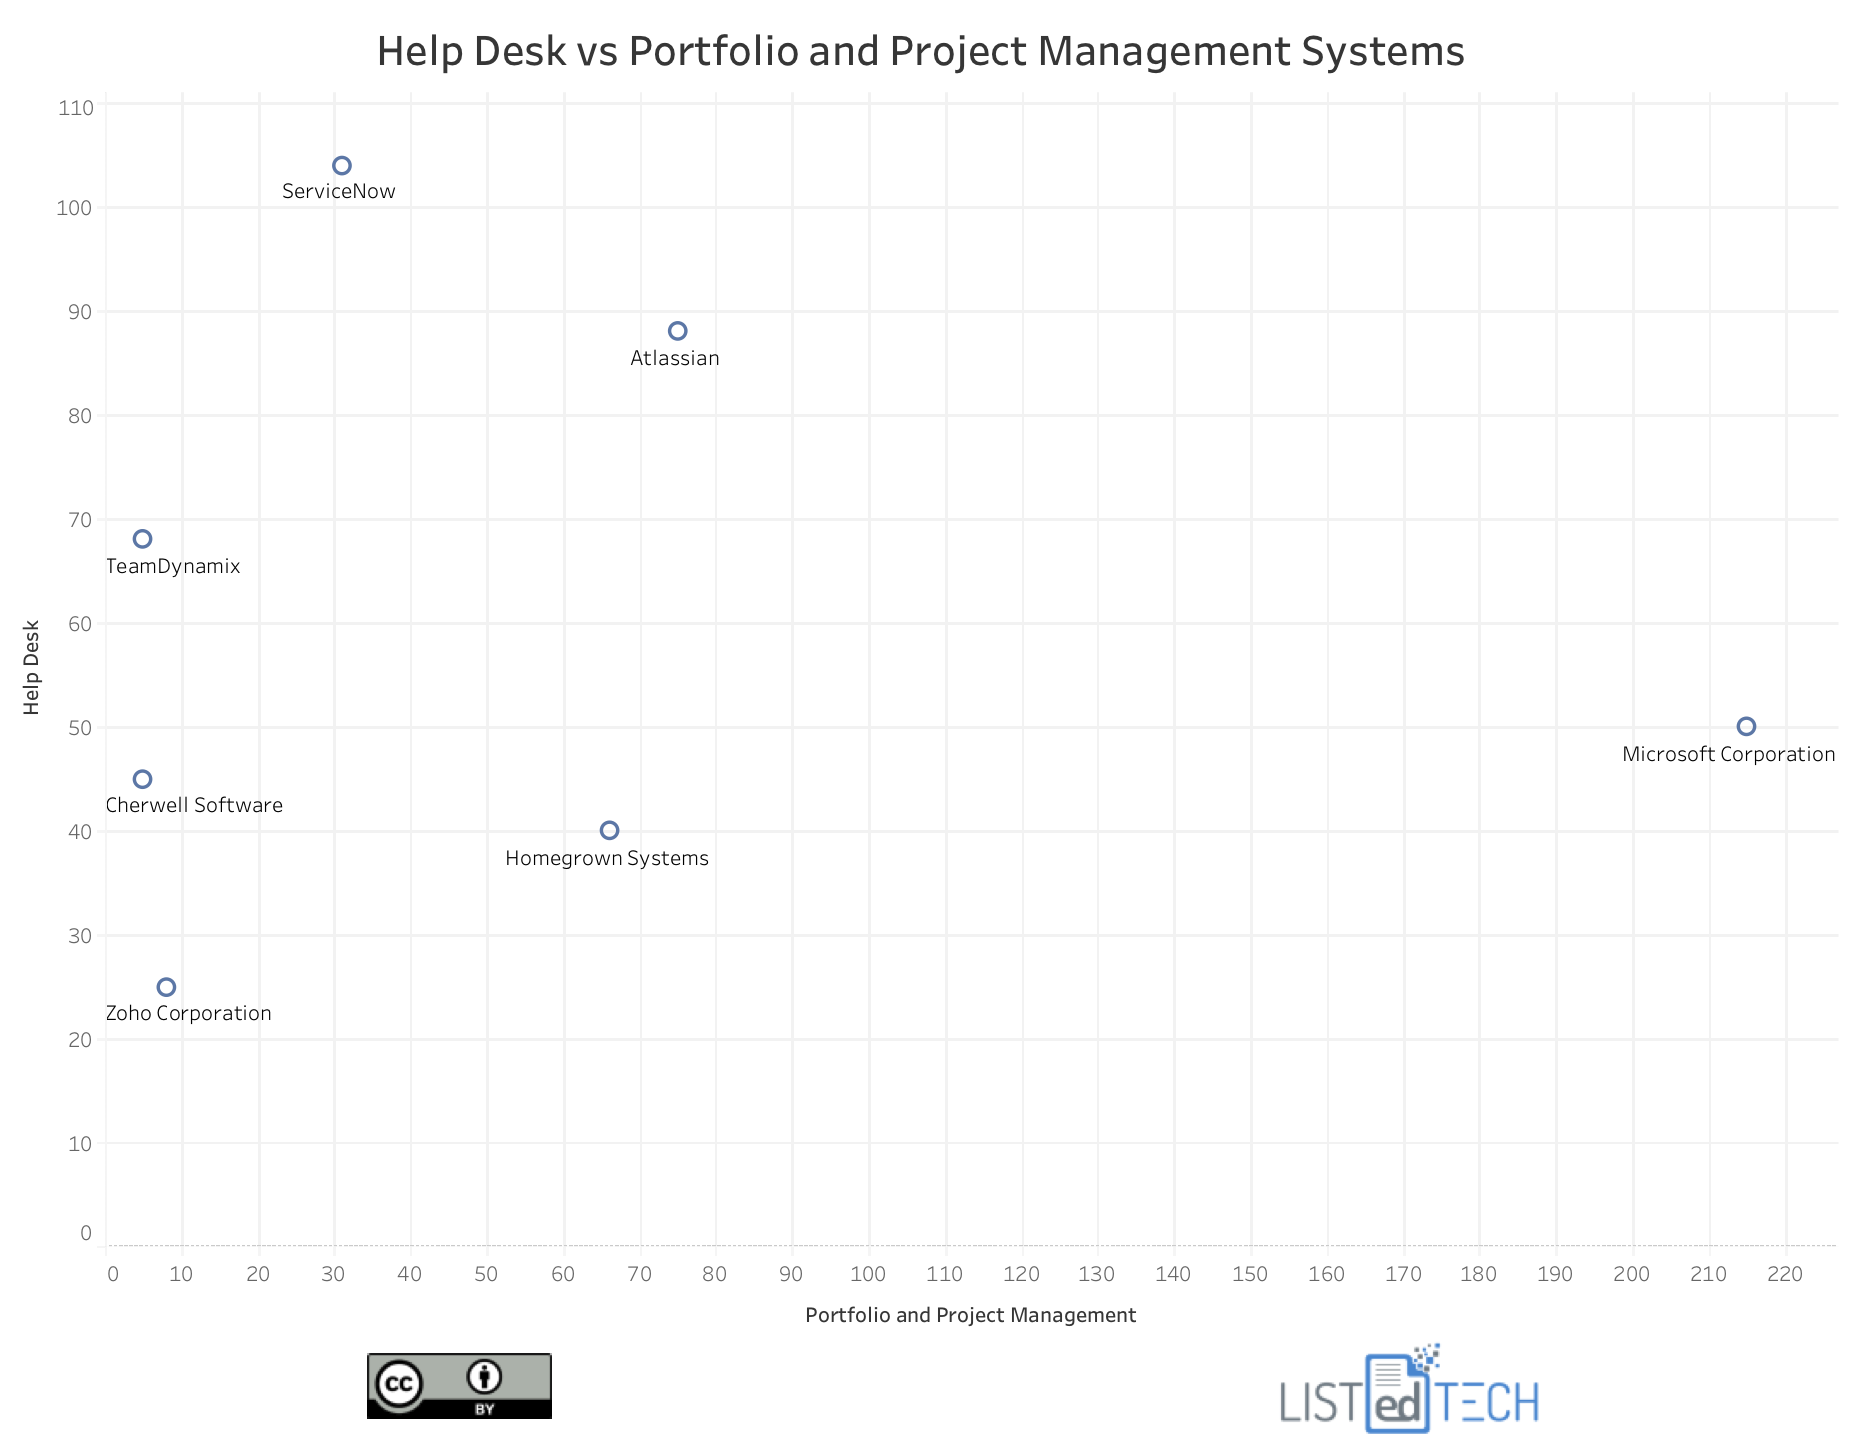 Help desk and Portfolio - LisTedTECH